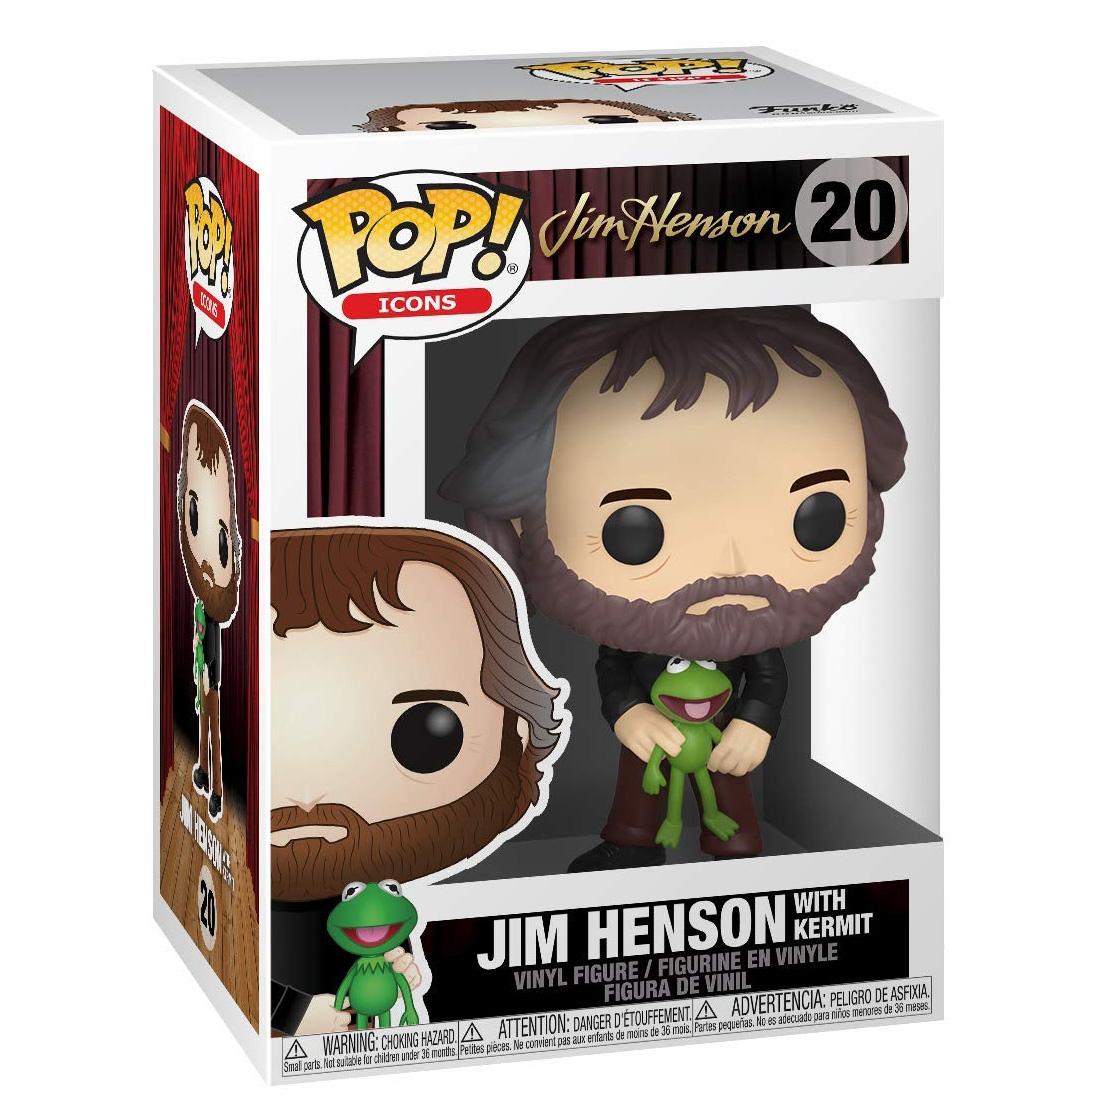 Jim Henson Pop! Vinyl figures